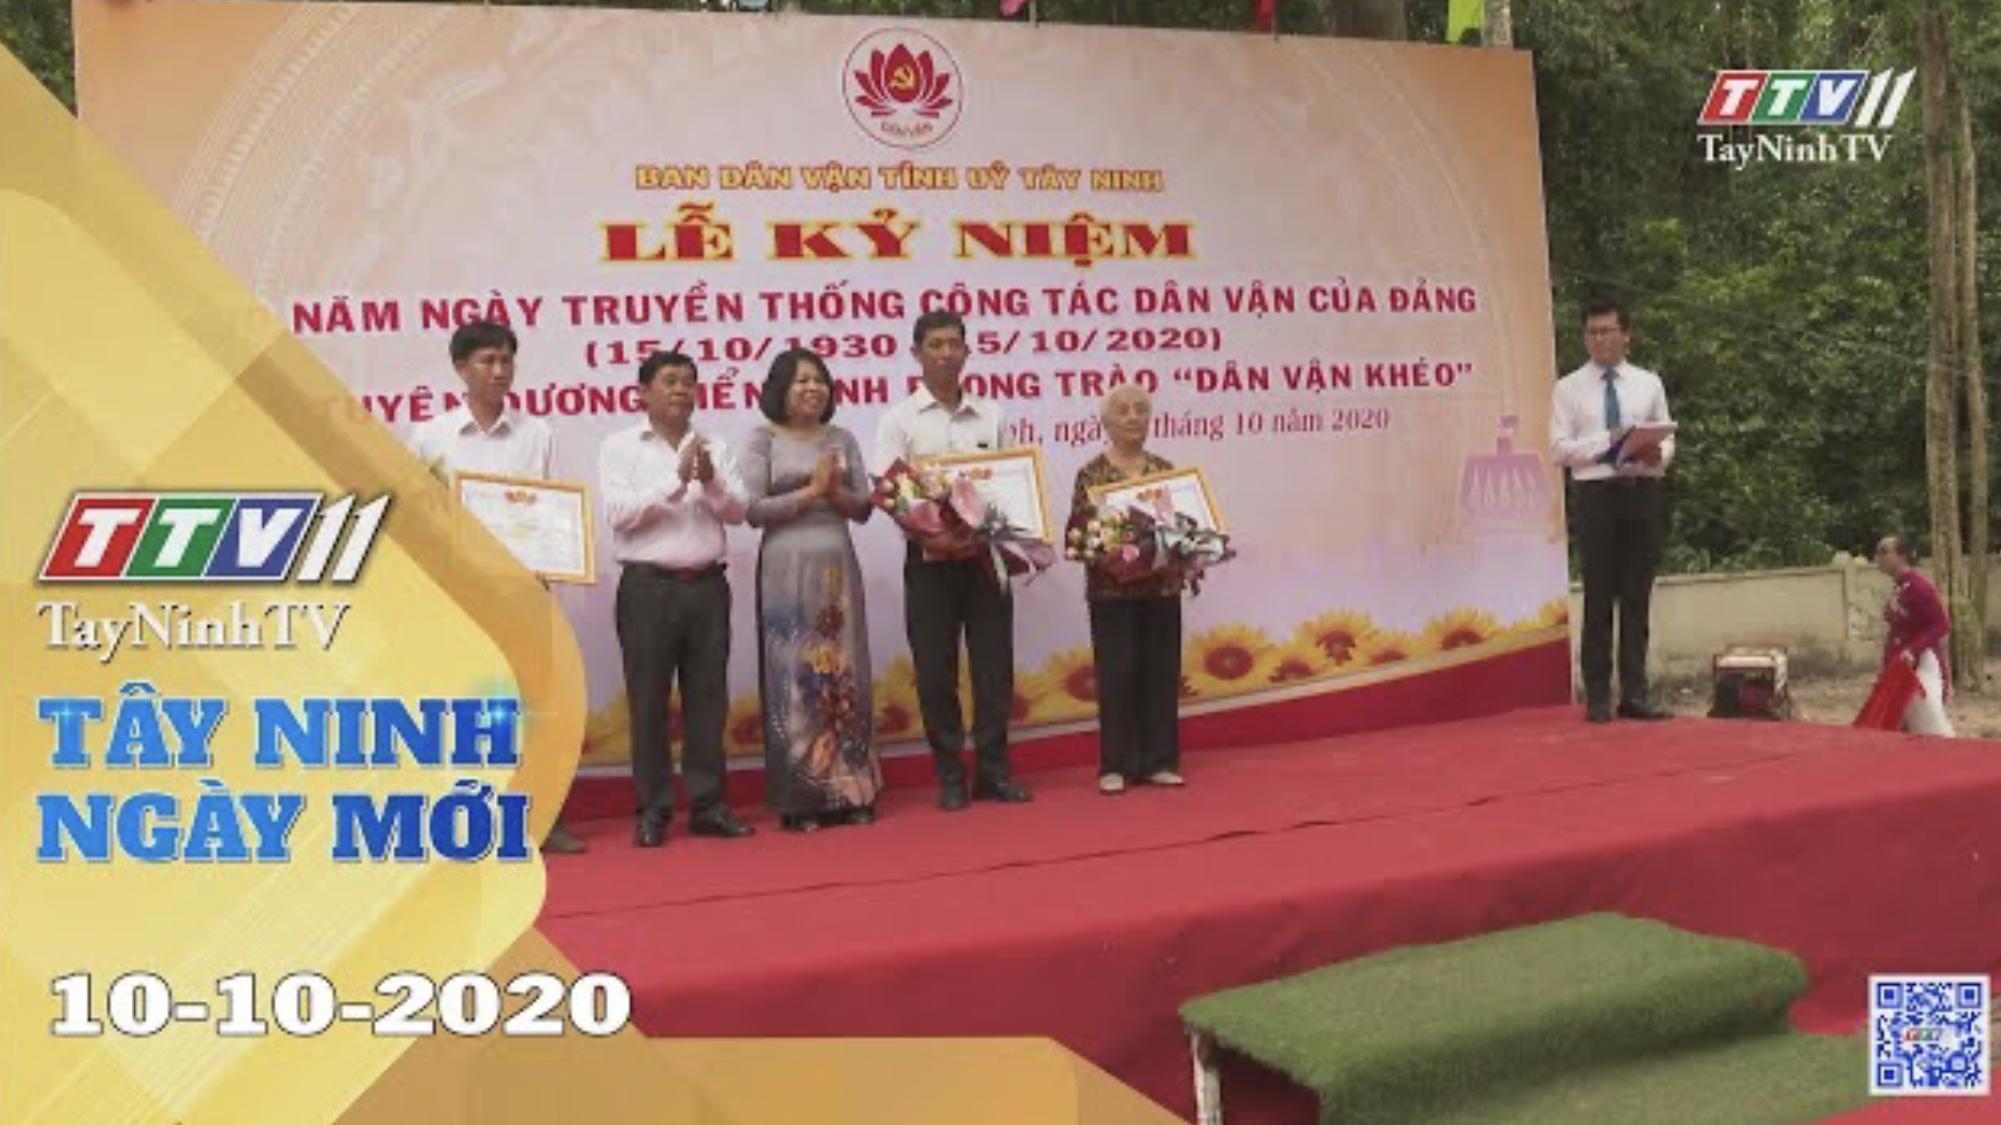 Tây Ninh Ngày Mới 10-10-2020 | Tin tức hôm nay | TayNinhTV